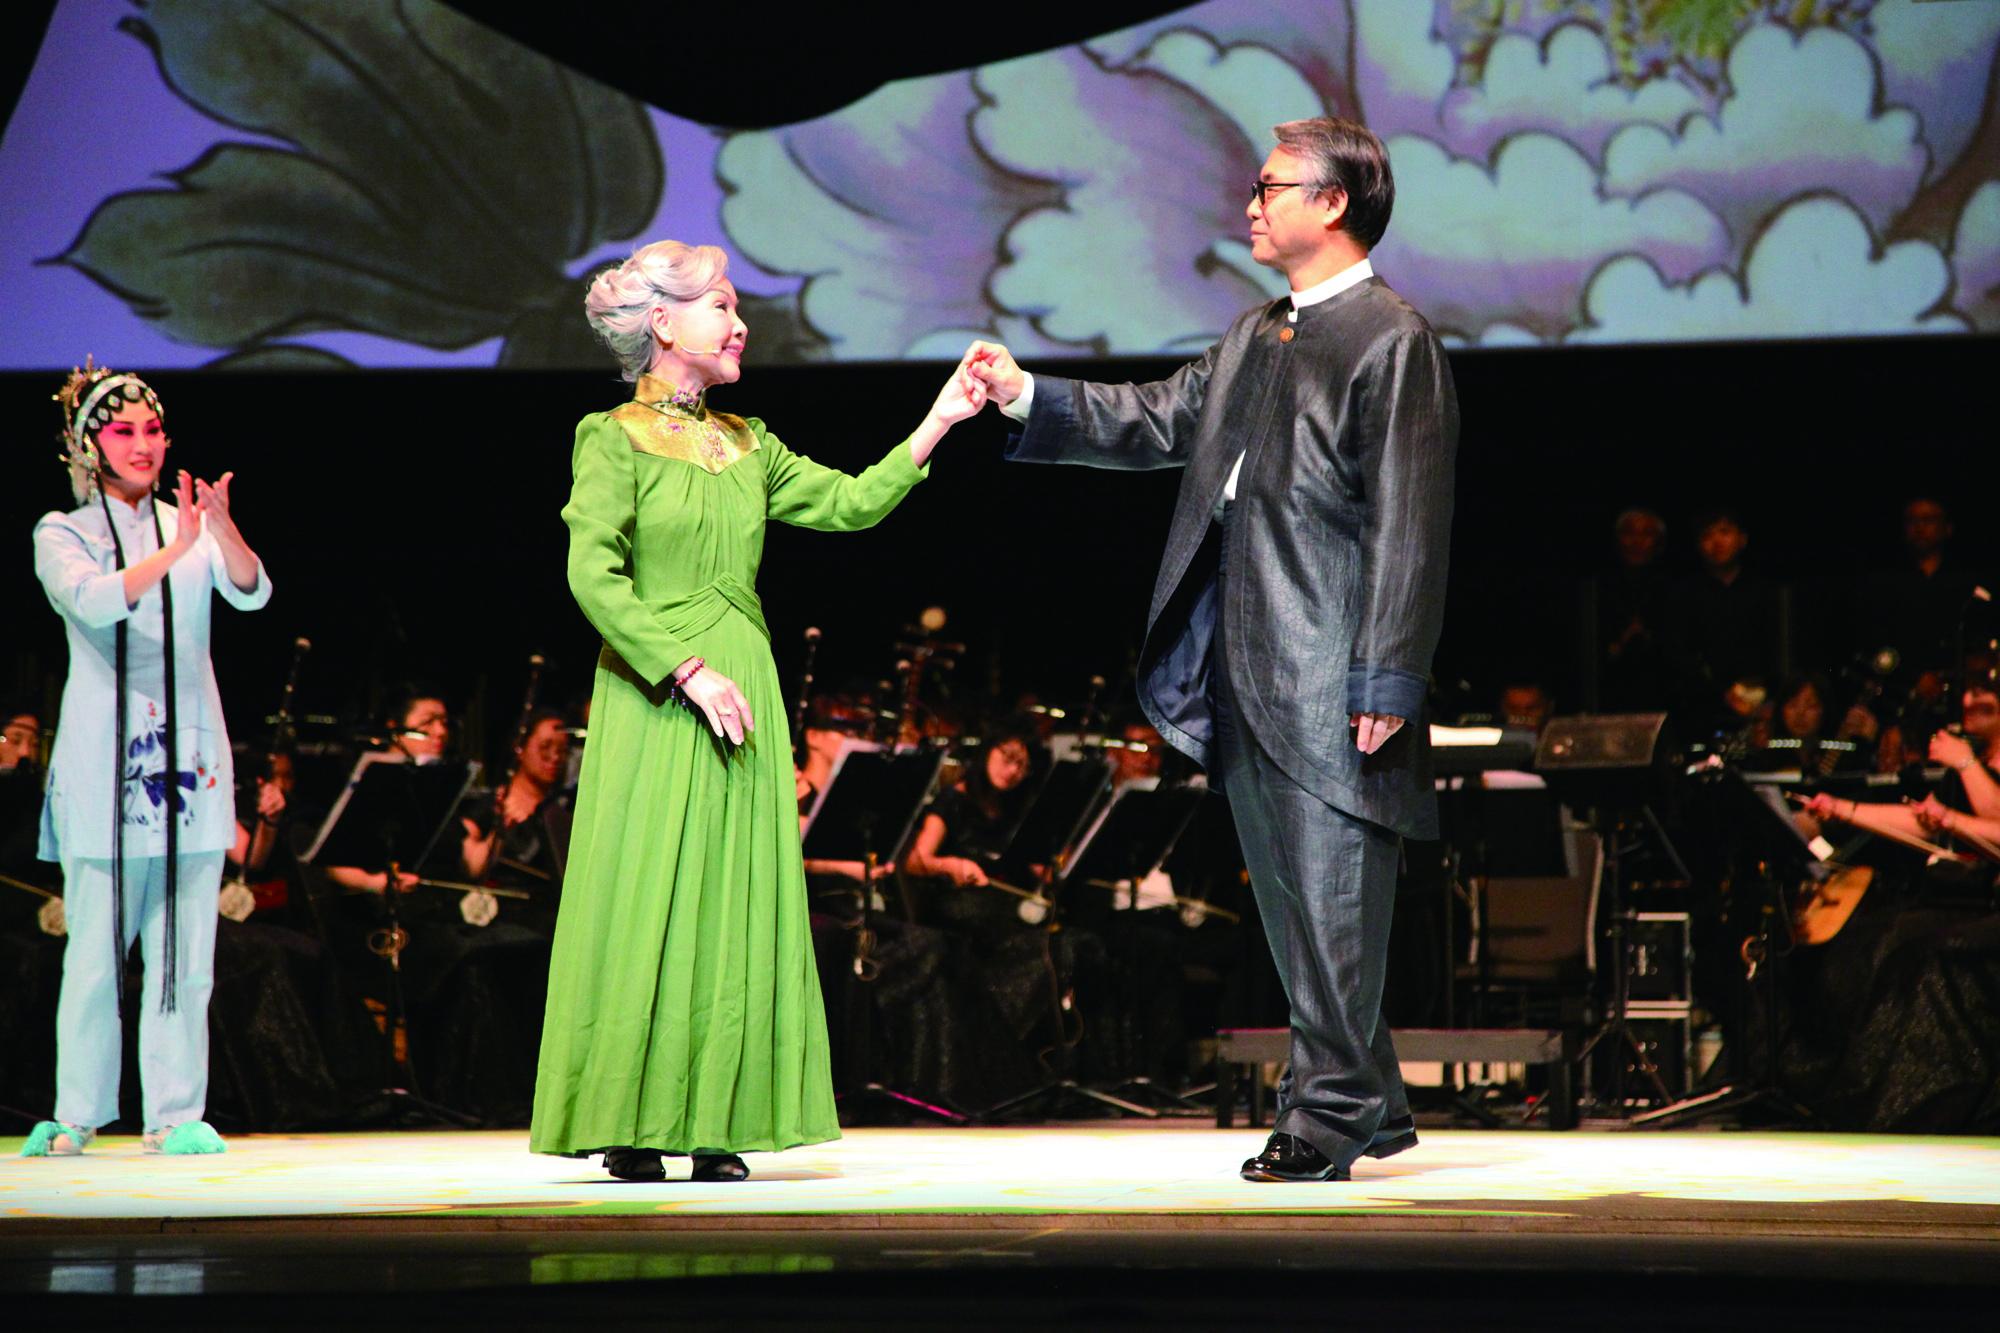 《凍水牡丹─風華再現》,廖瓊枝(左)與閻惠昌(右)各為歌仔戲及國樂界大師,同臺演出.JPG